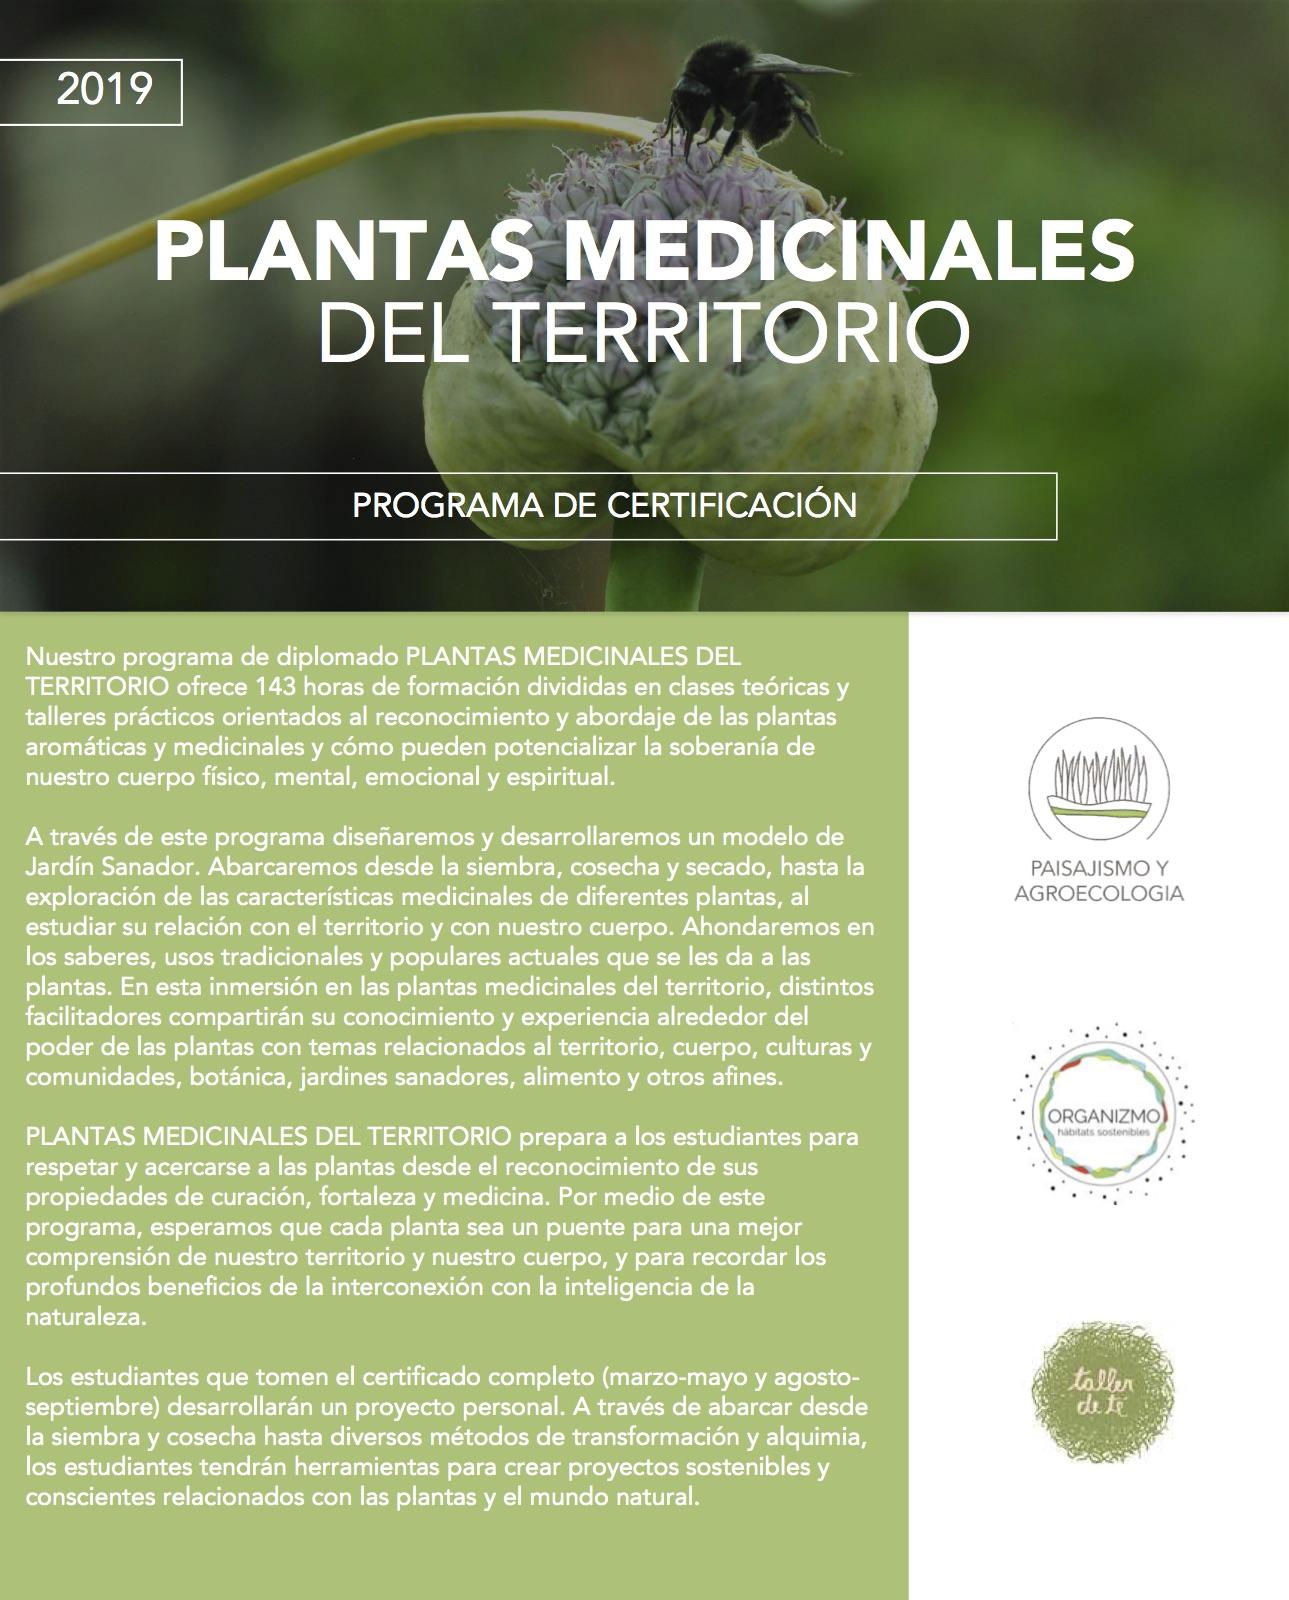 Planta.medicinales.jpg